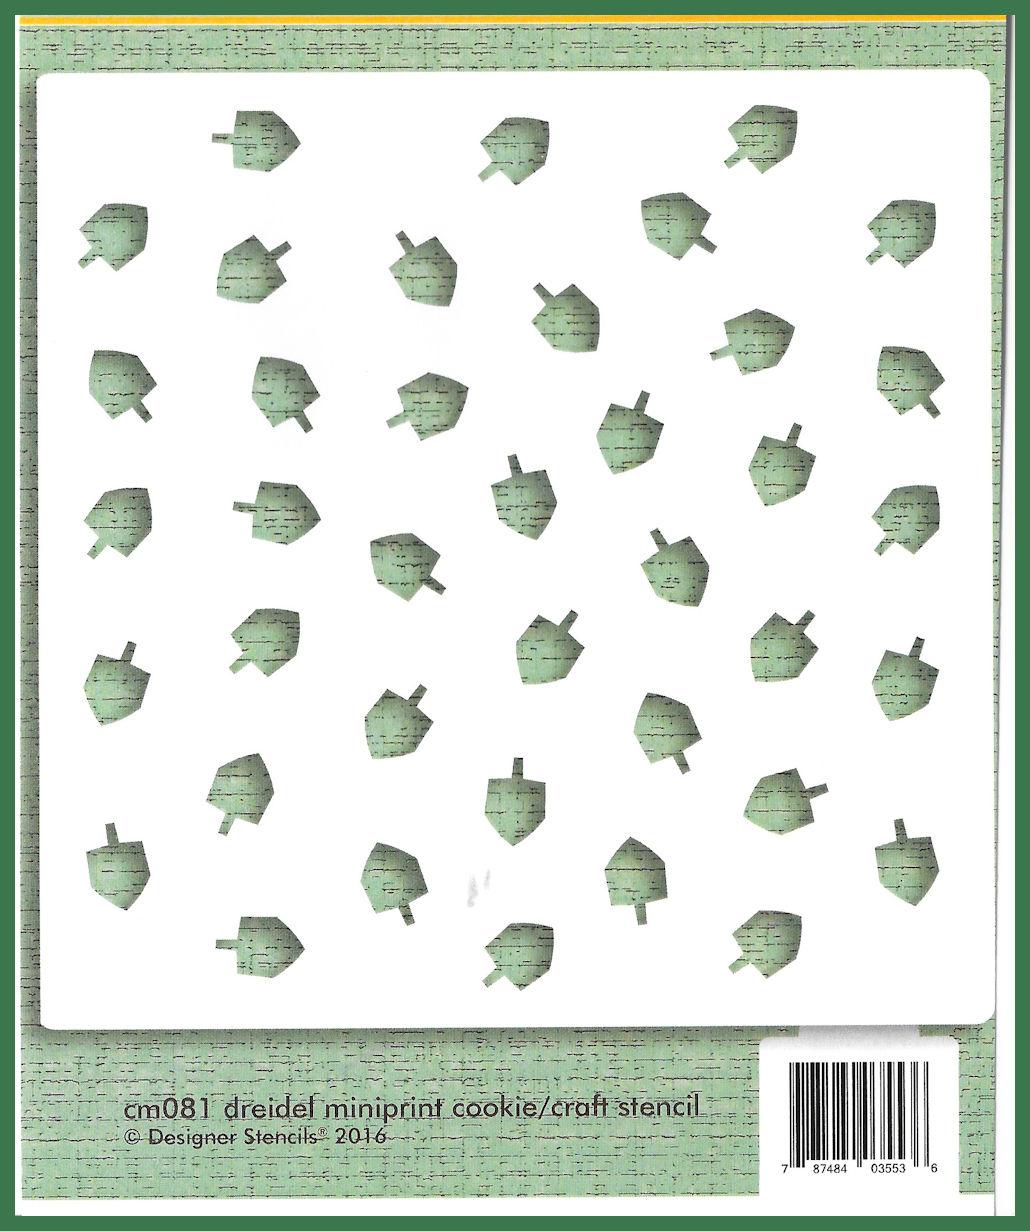 ds-dreidel-miniprint-8748403553.jpg